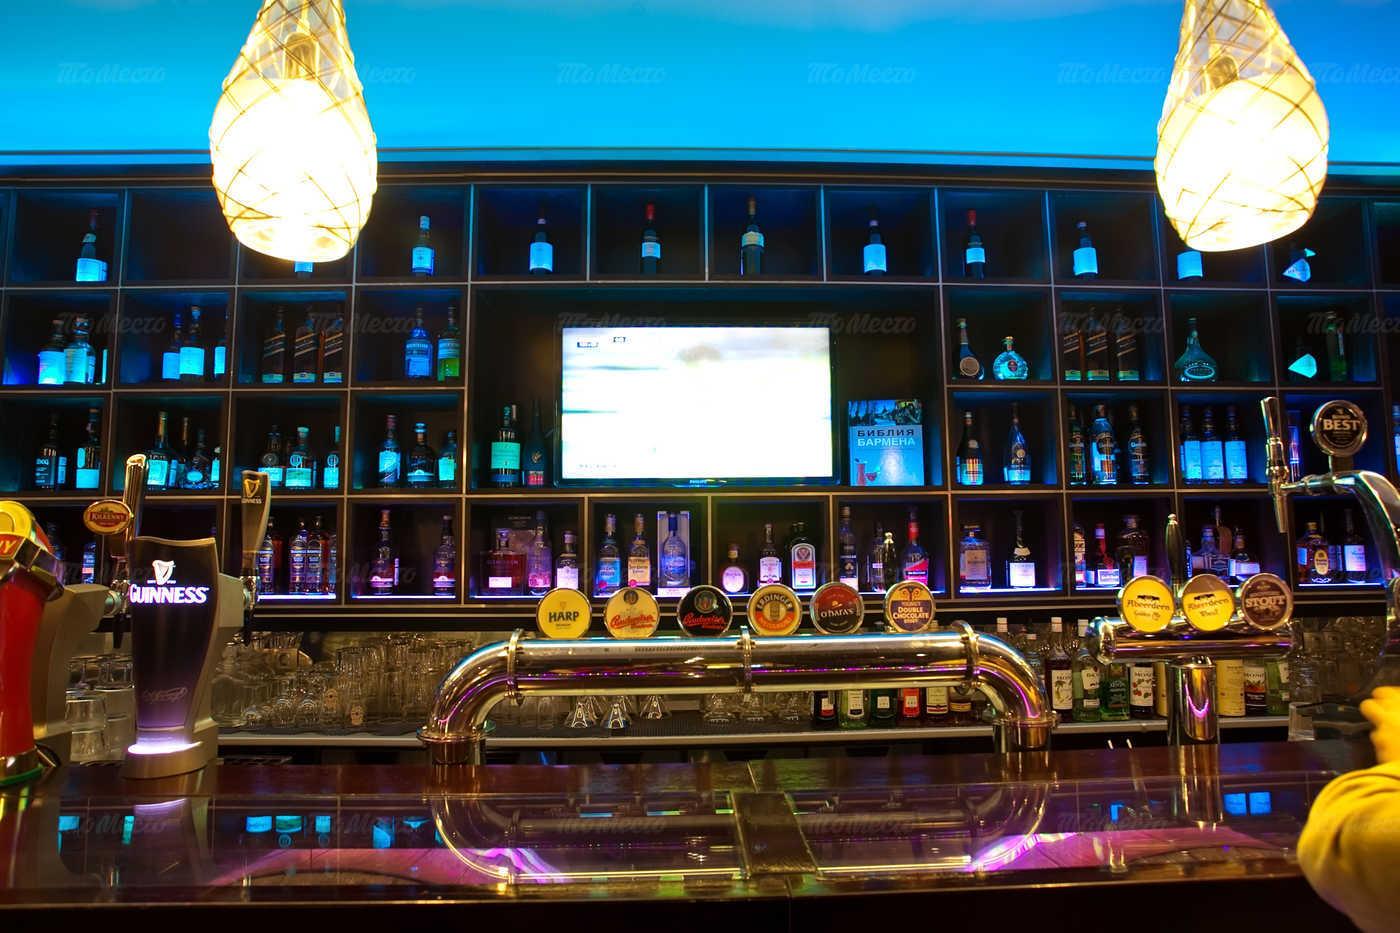 Банкетный зал пивного ресторана Abeerdeen (Абердин) на Литейном проспекте фото 7